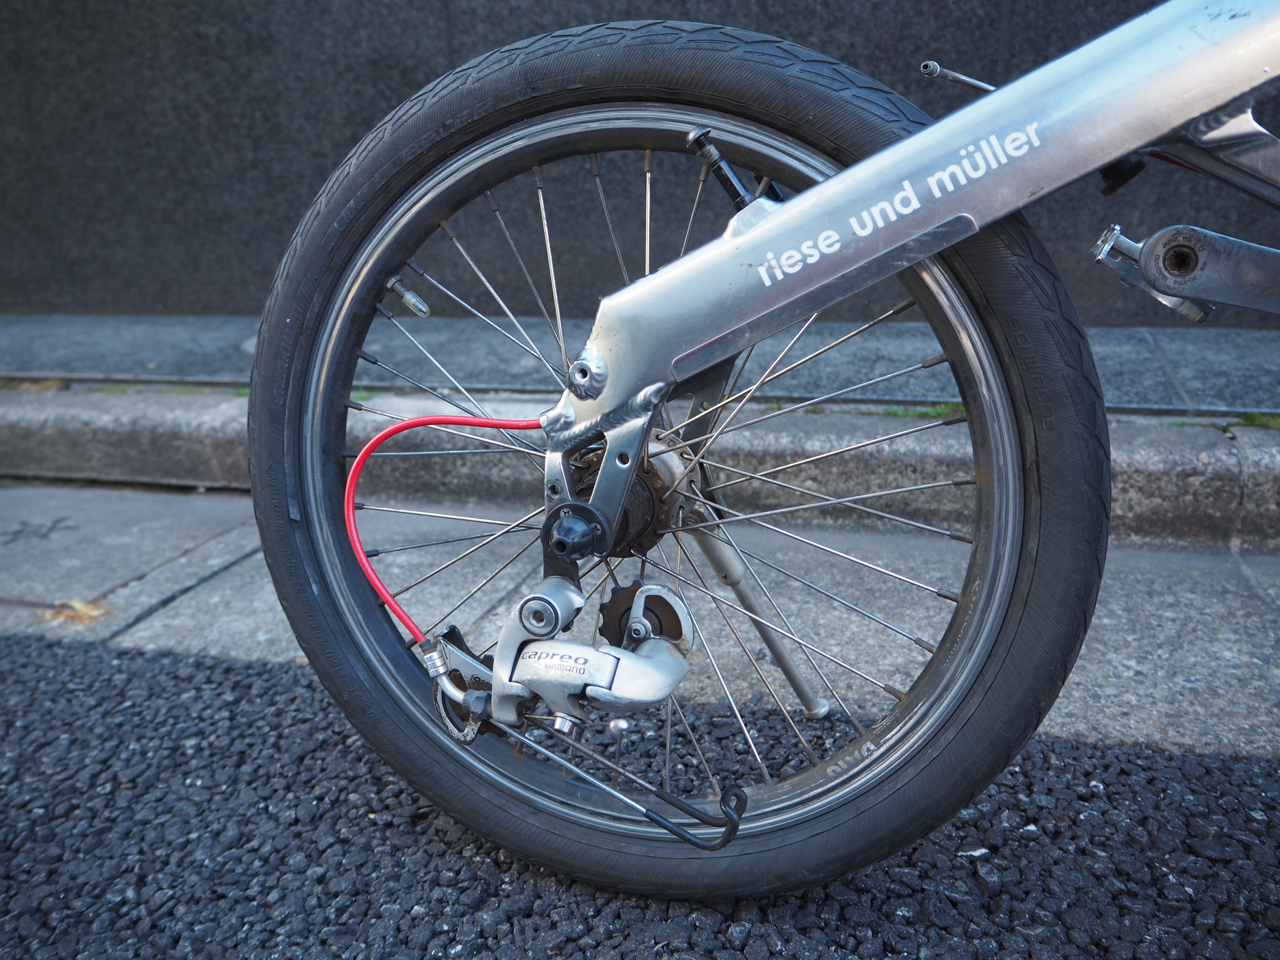 オーバーホール,bd-1,birdy,修理,自転車,自転車修理